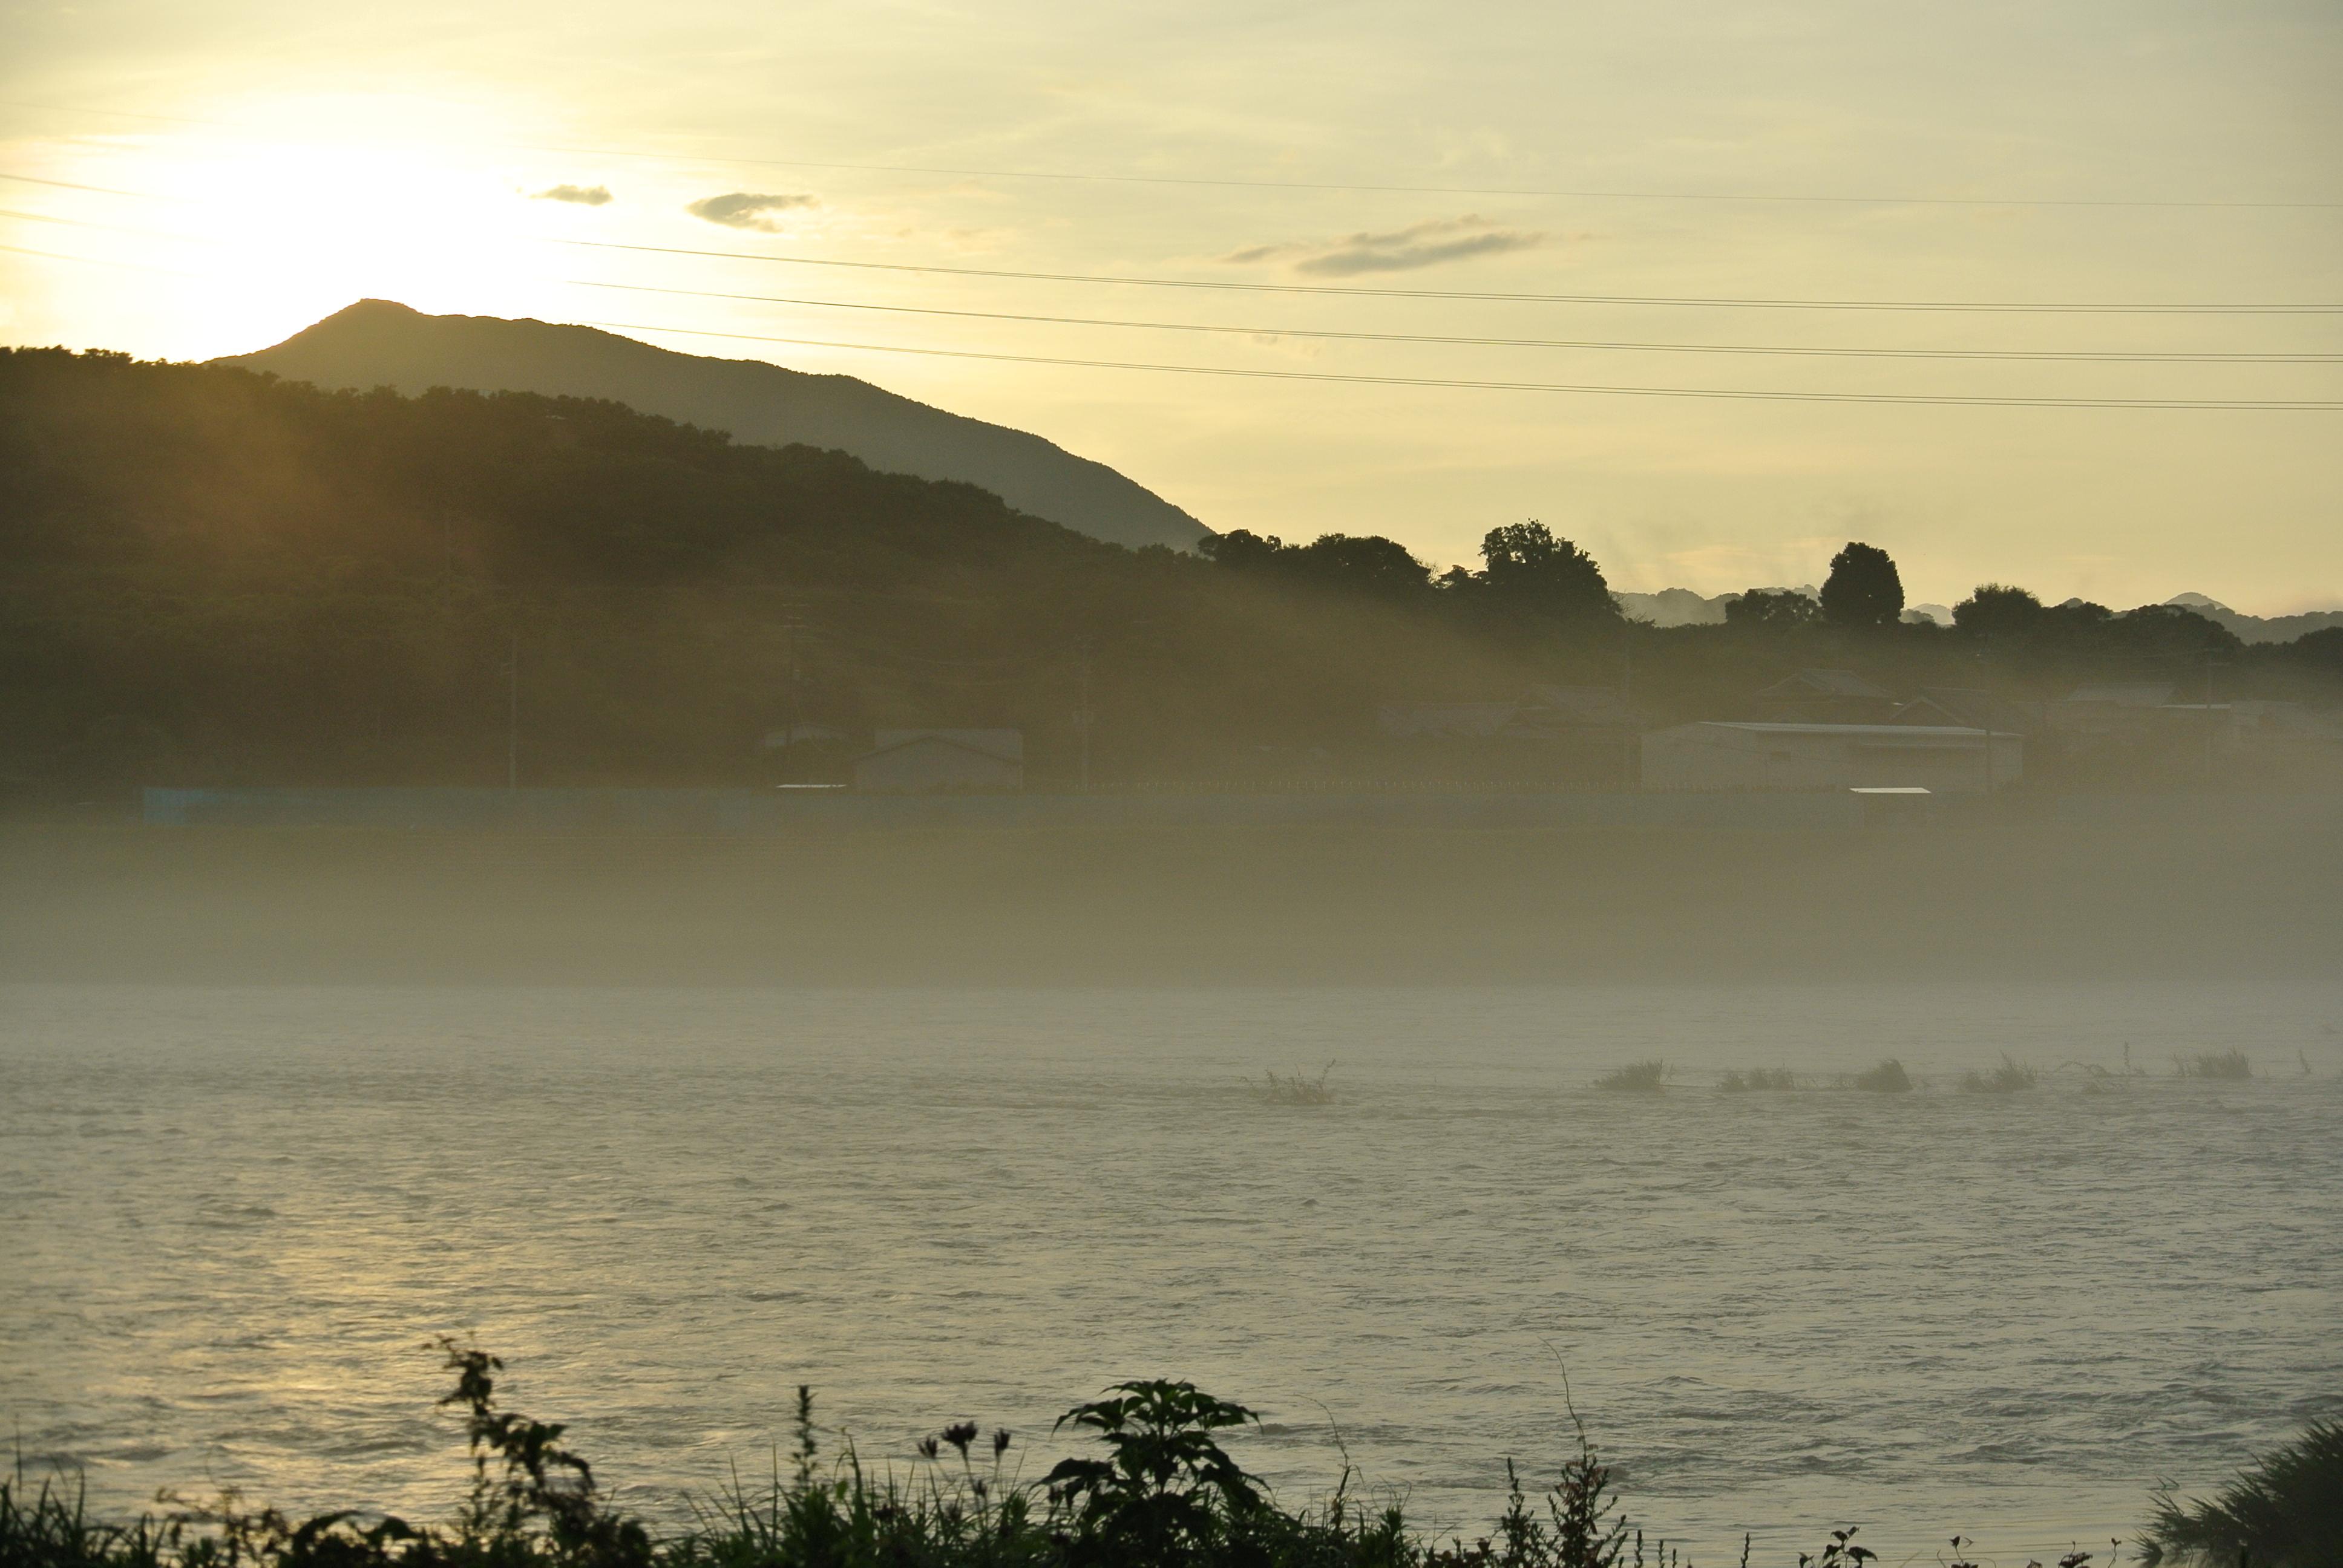 海遊び中継基地 野口オートキャンプ場(和歌山)